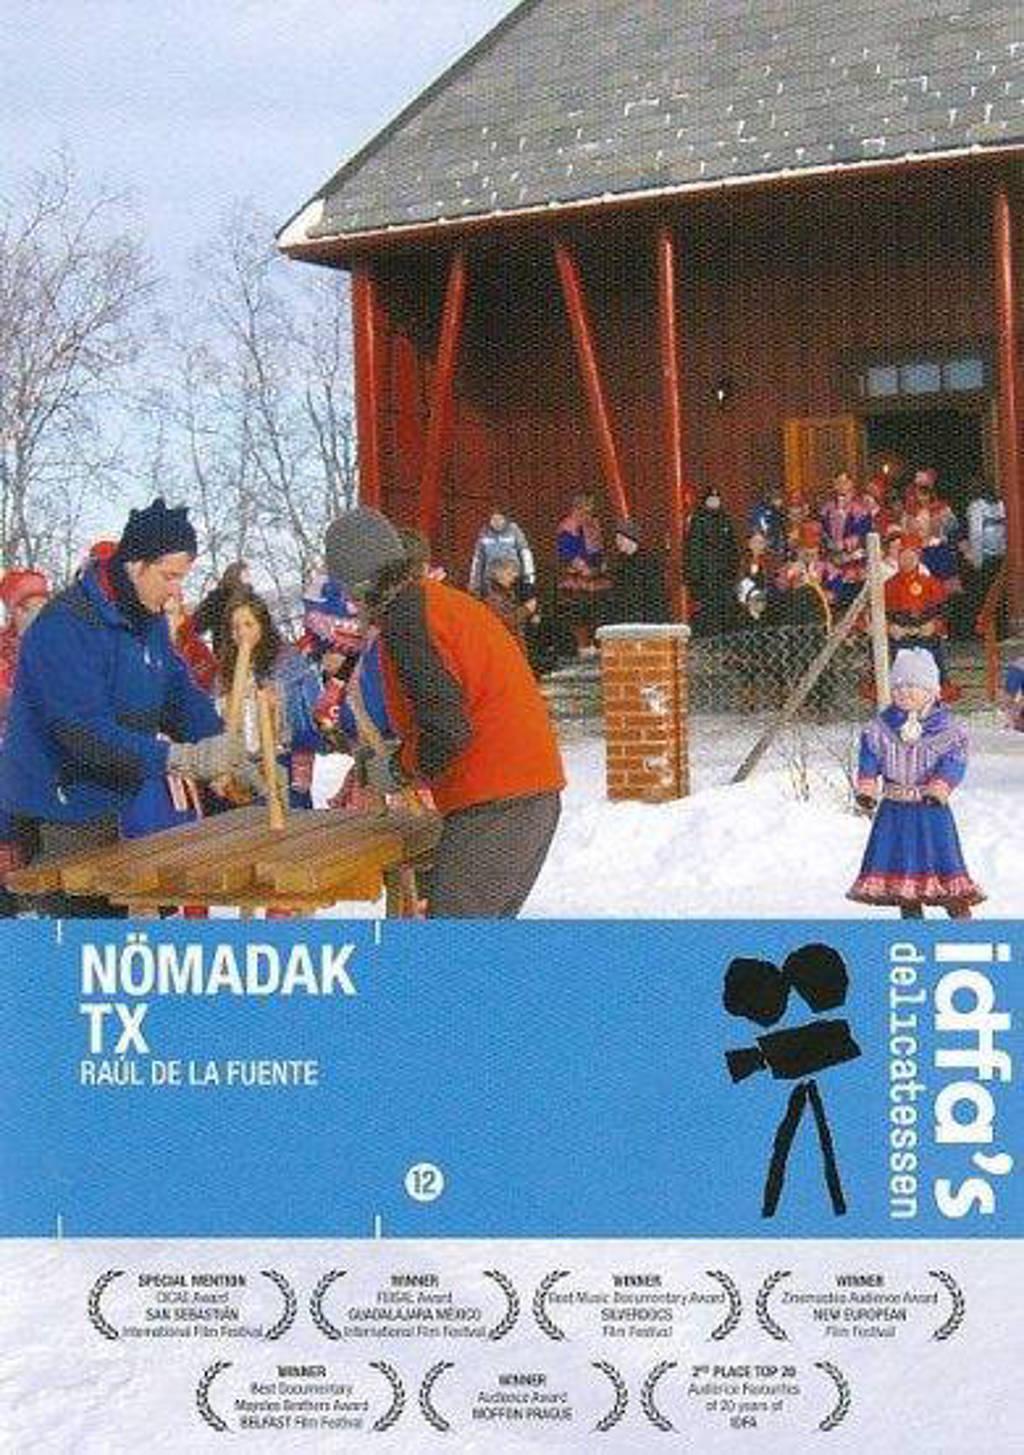 Nomadak TX (DVD)